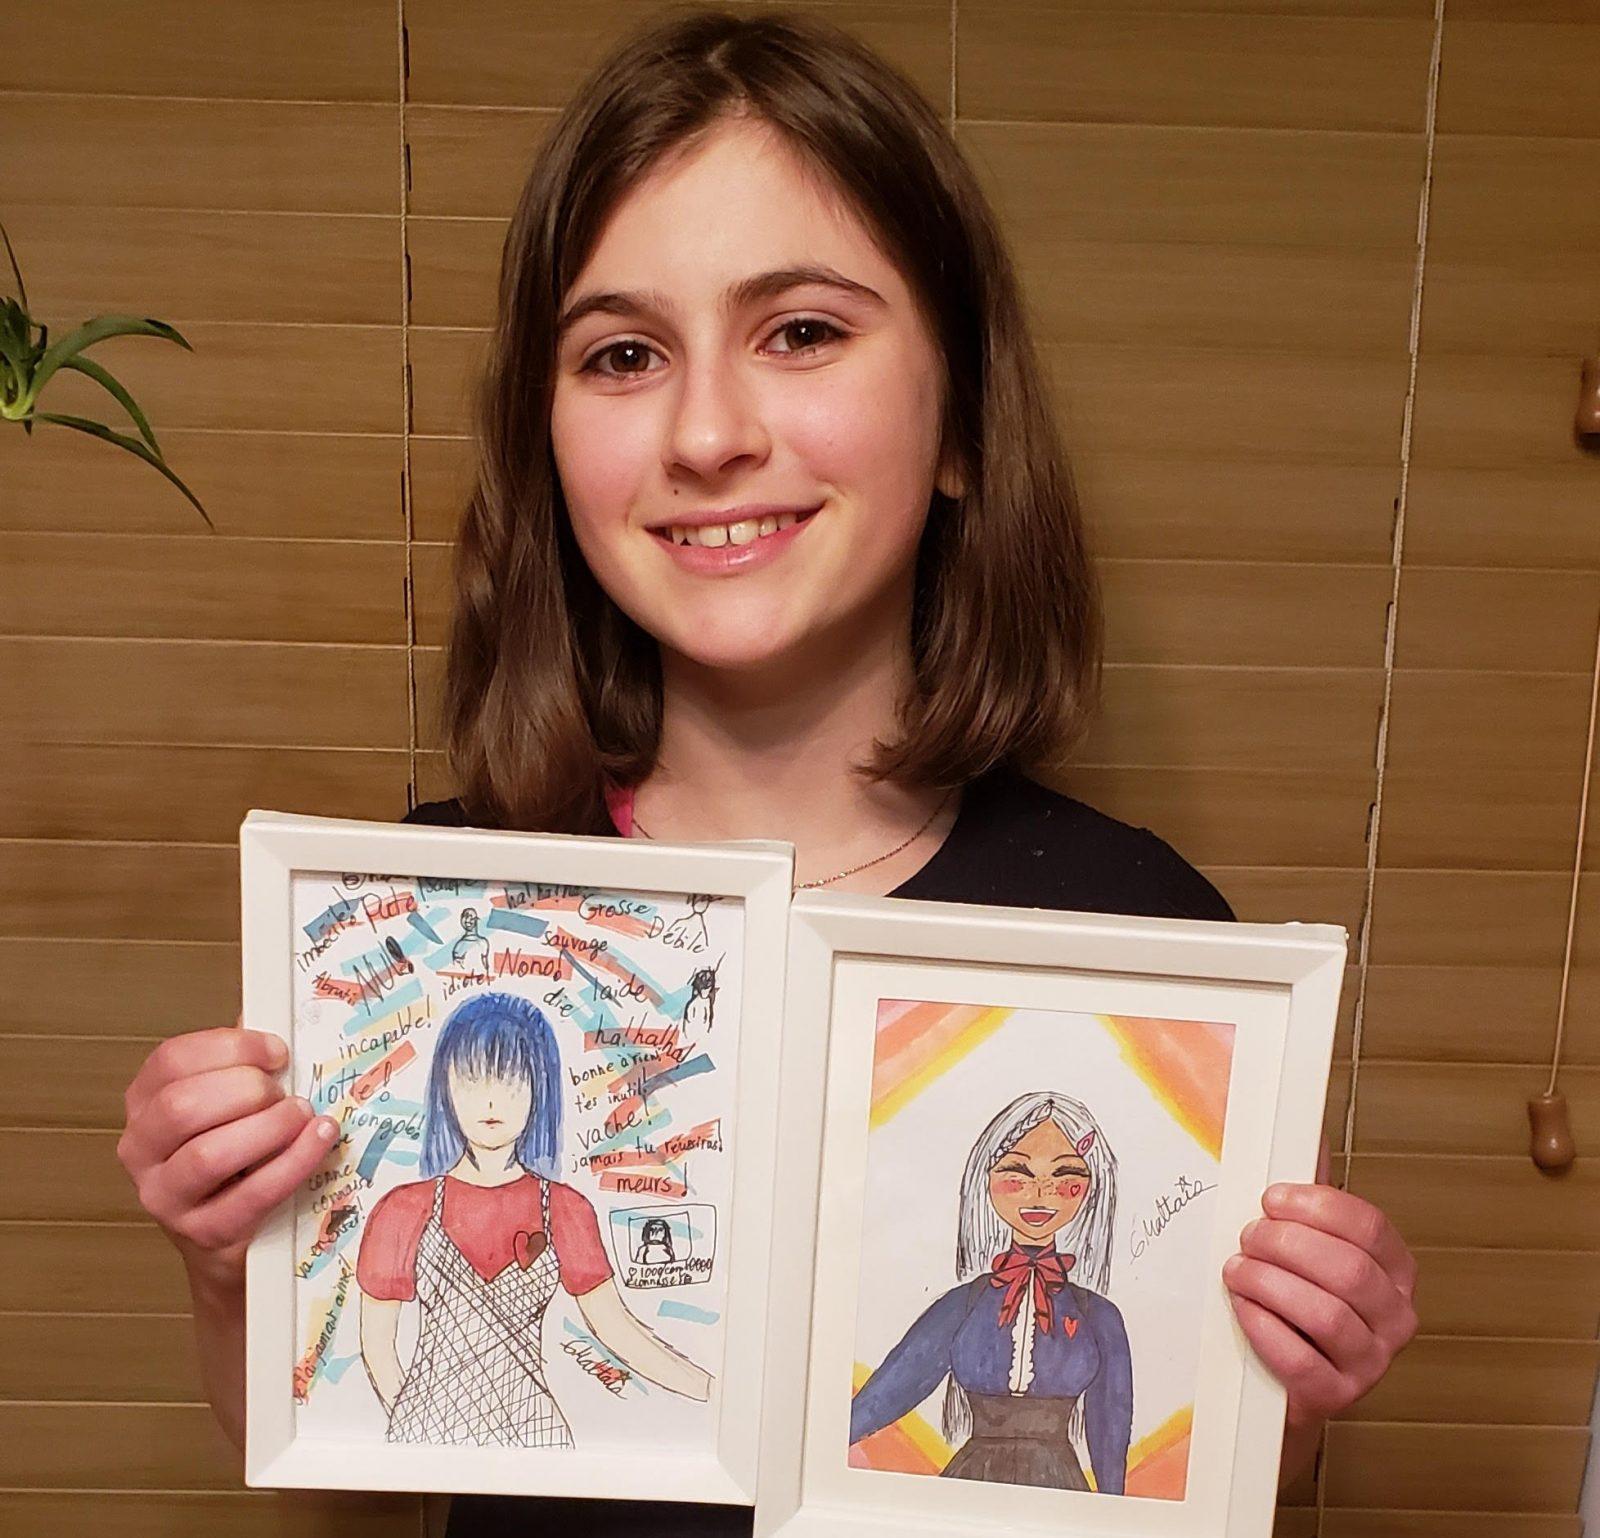 Élodie Maltais de Pointe-Lebel aborde l'intimidation dans ses mangas